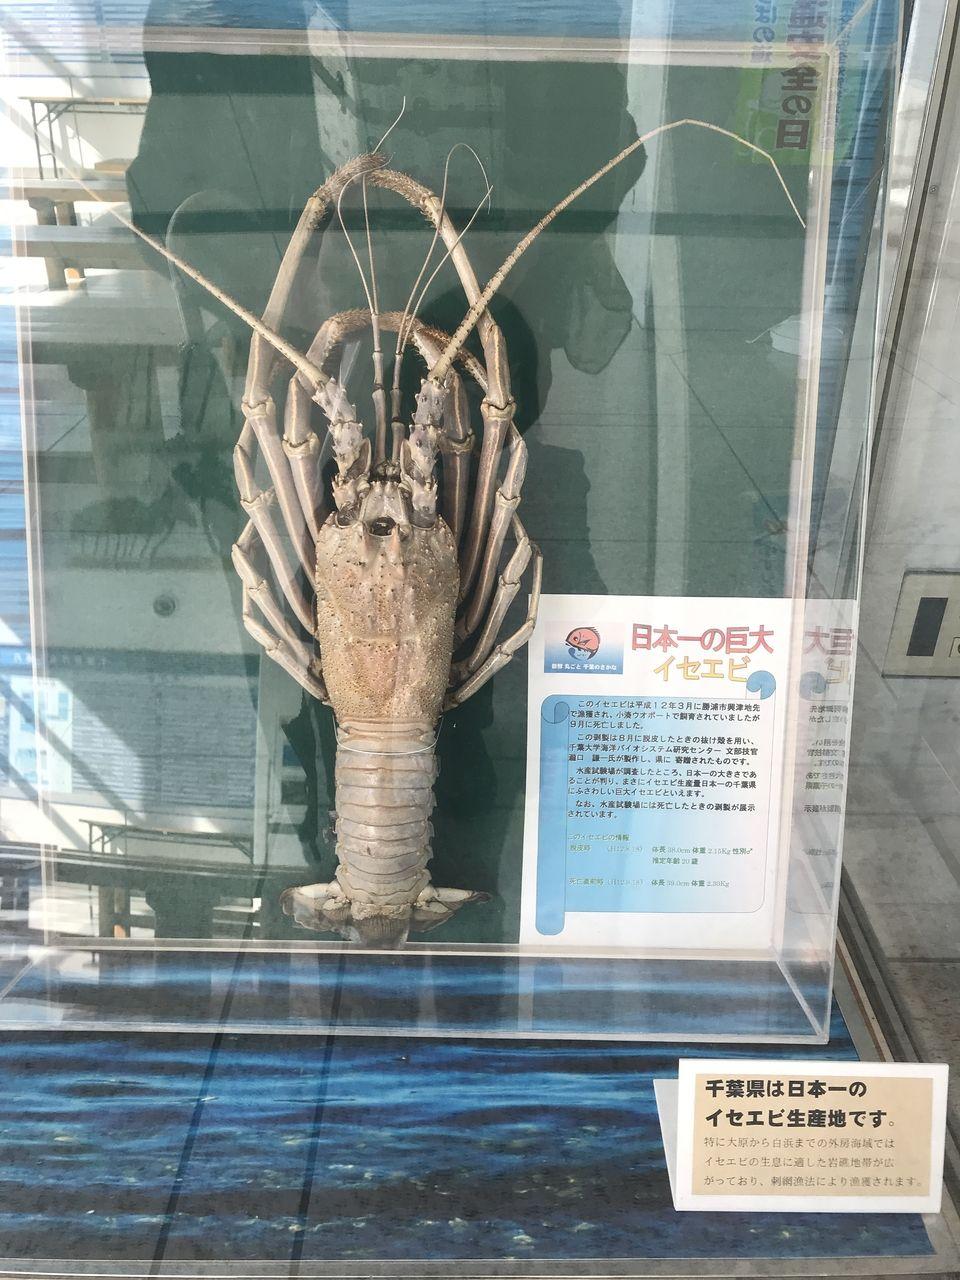 千葉県庁 イセエビのはく製